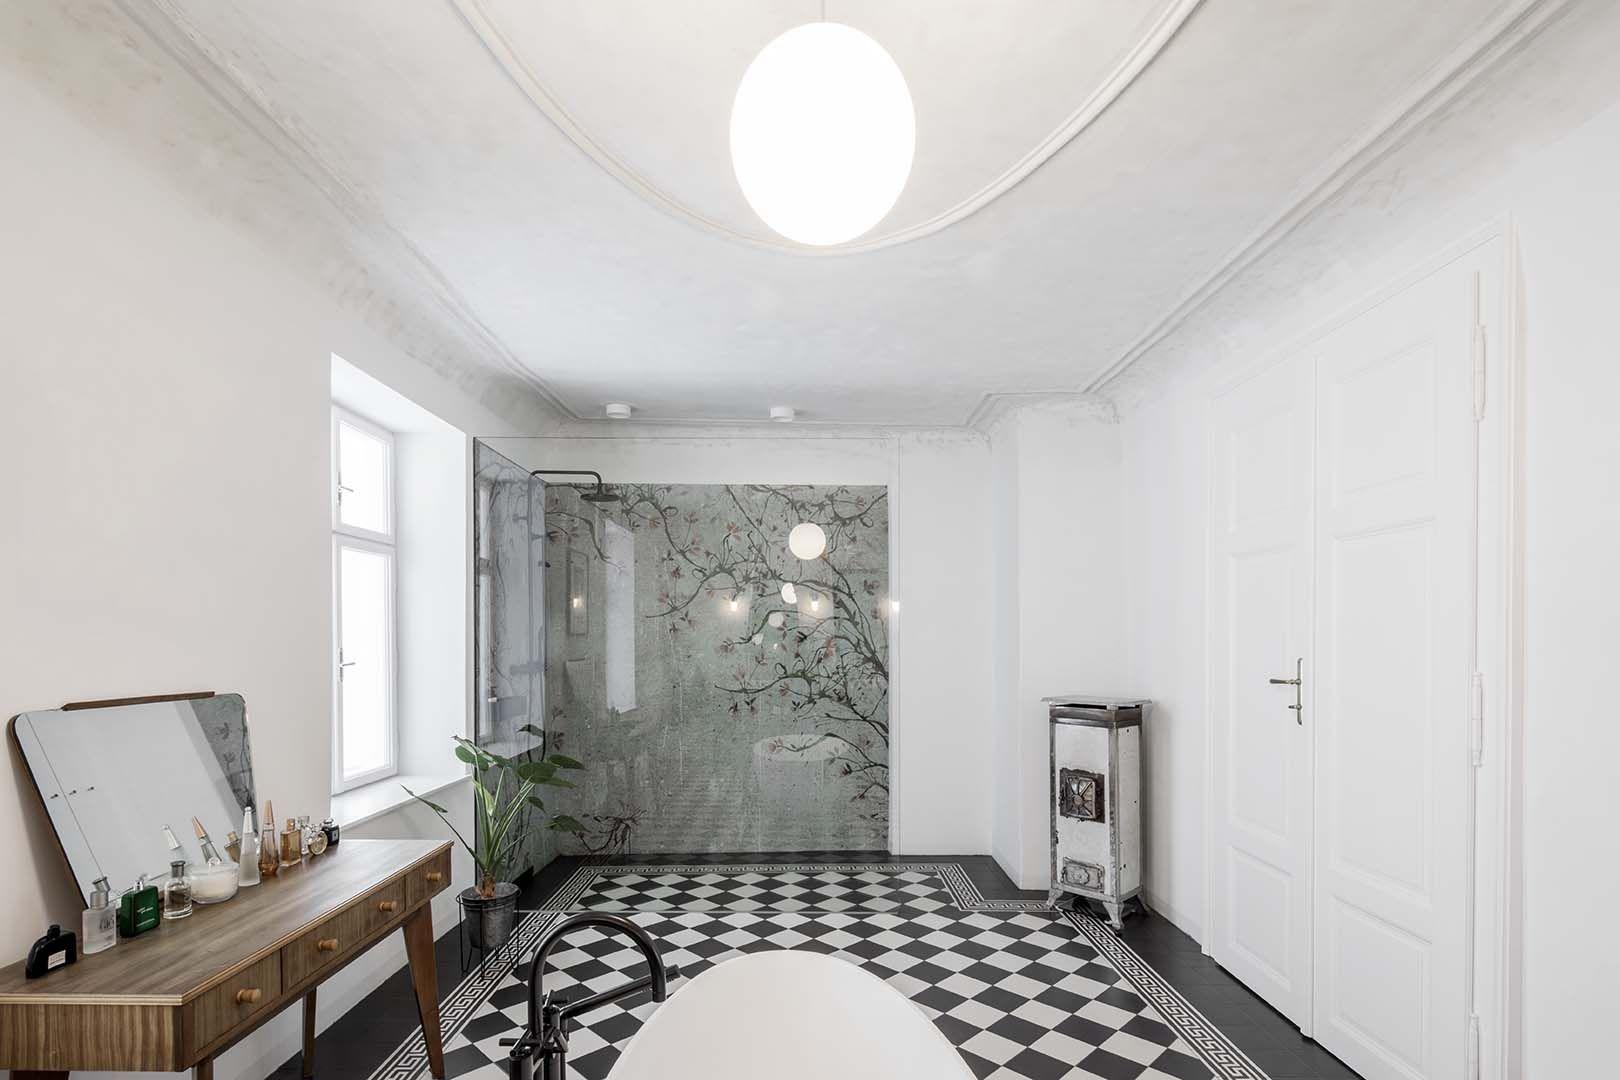 Gut Wagram Picture Gallery In 2020 Wagram Shop Interiors Steel Floor Lamps